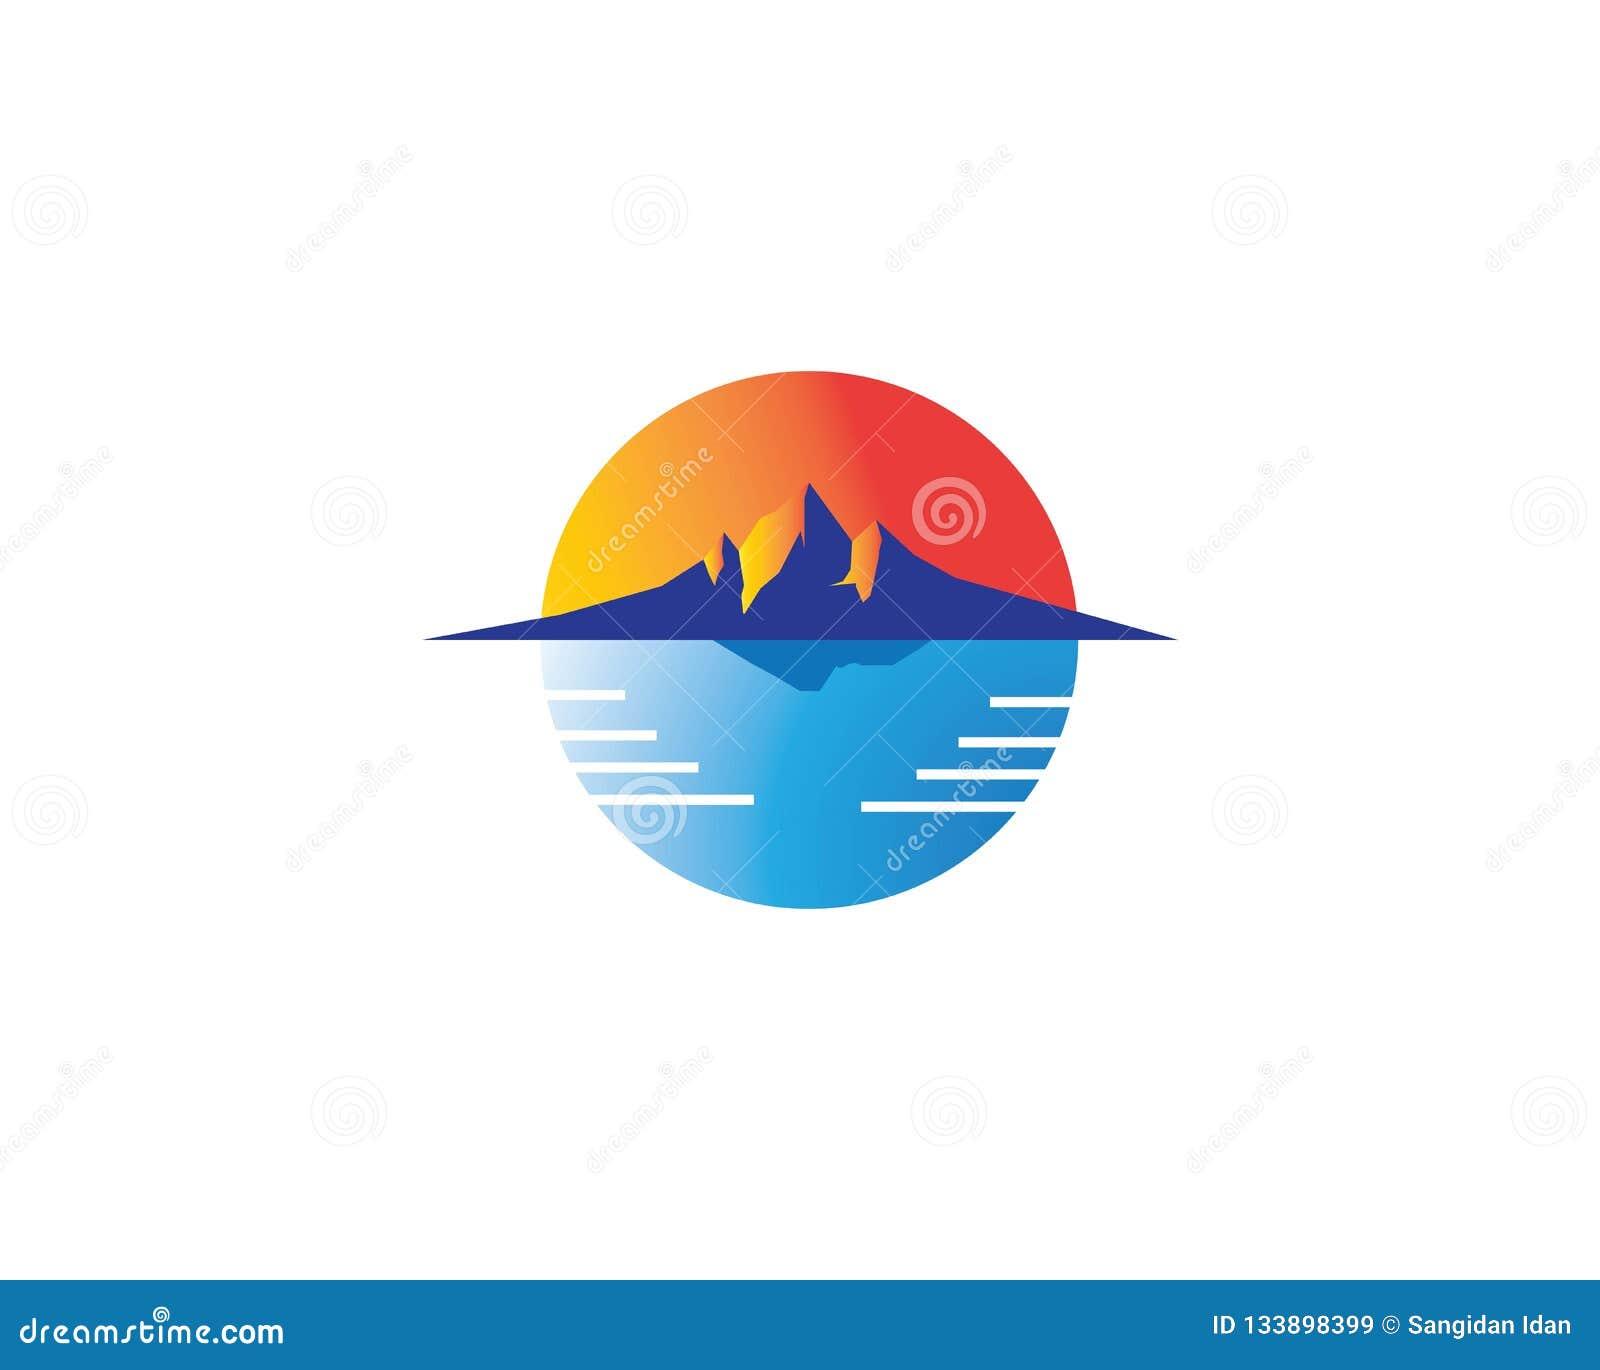 Molde Do ícone Do Vetor Do Logotipo Do Ilustration Do Sol Ilustração